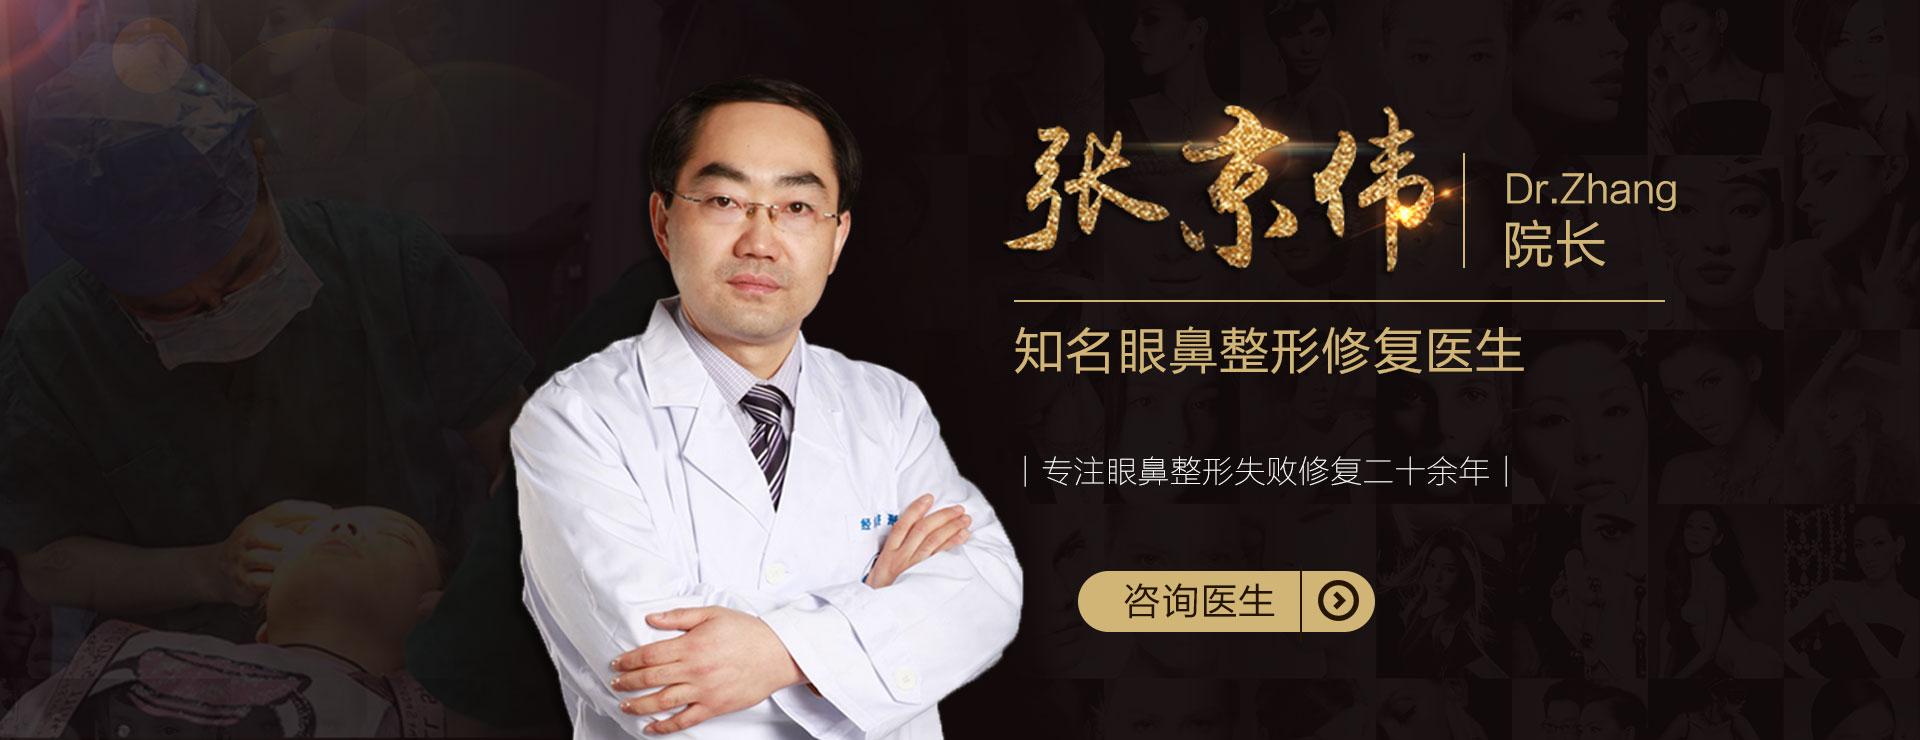 中国眼鼻整形修复医生-张京伟